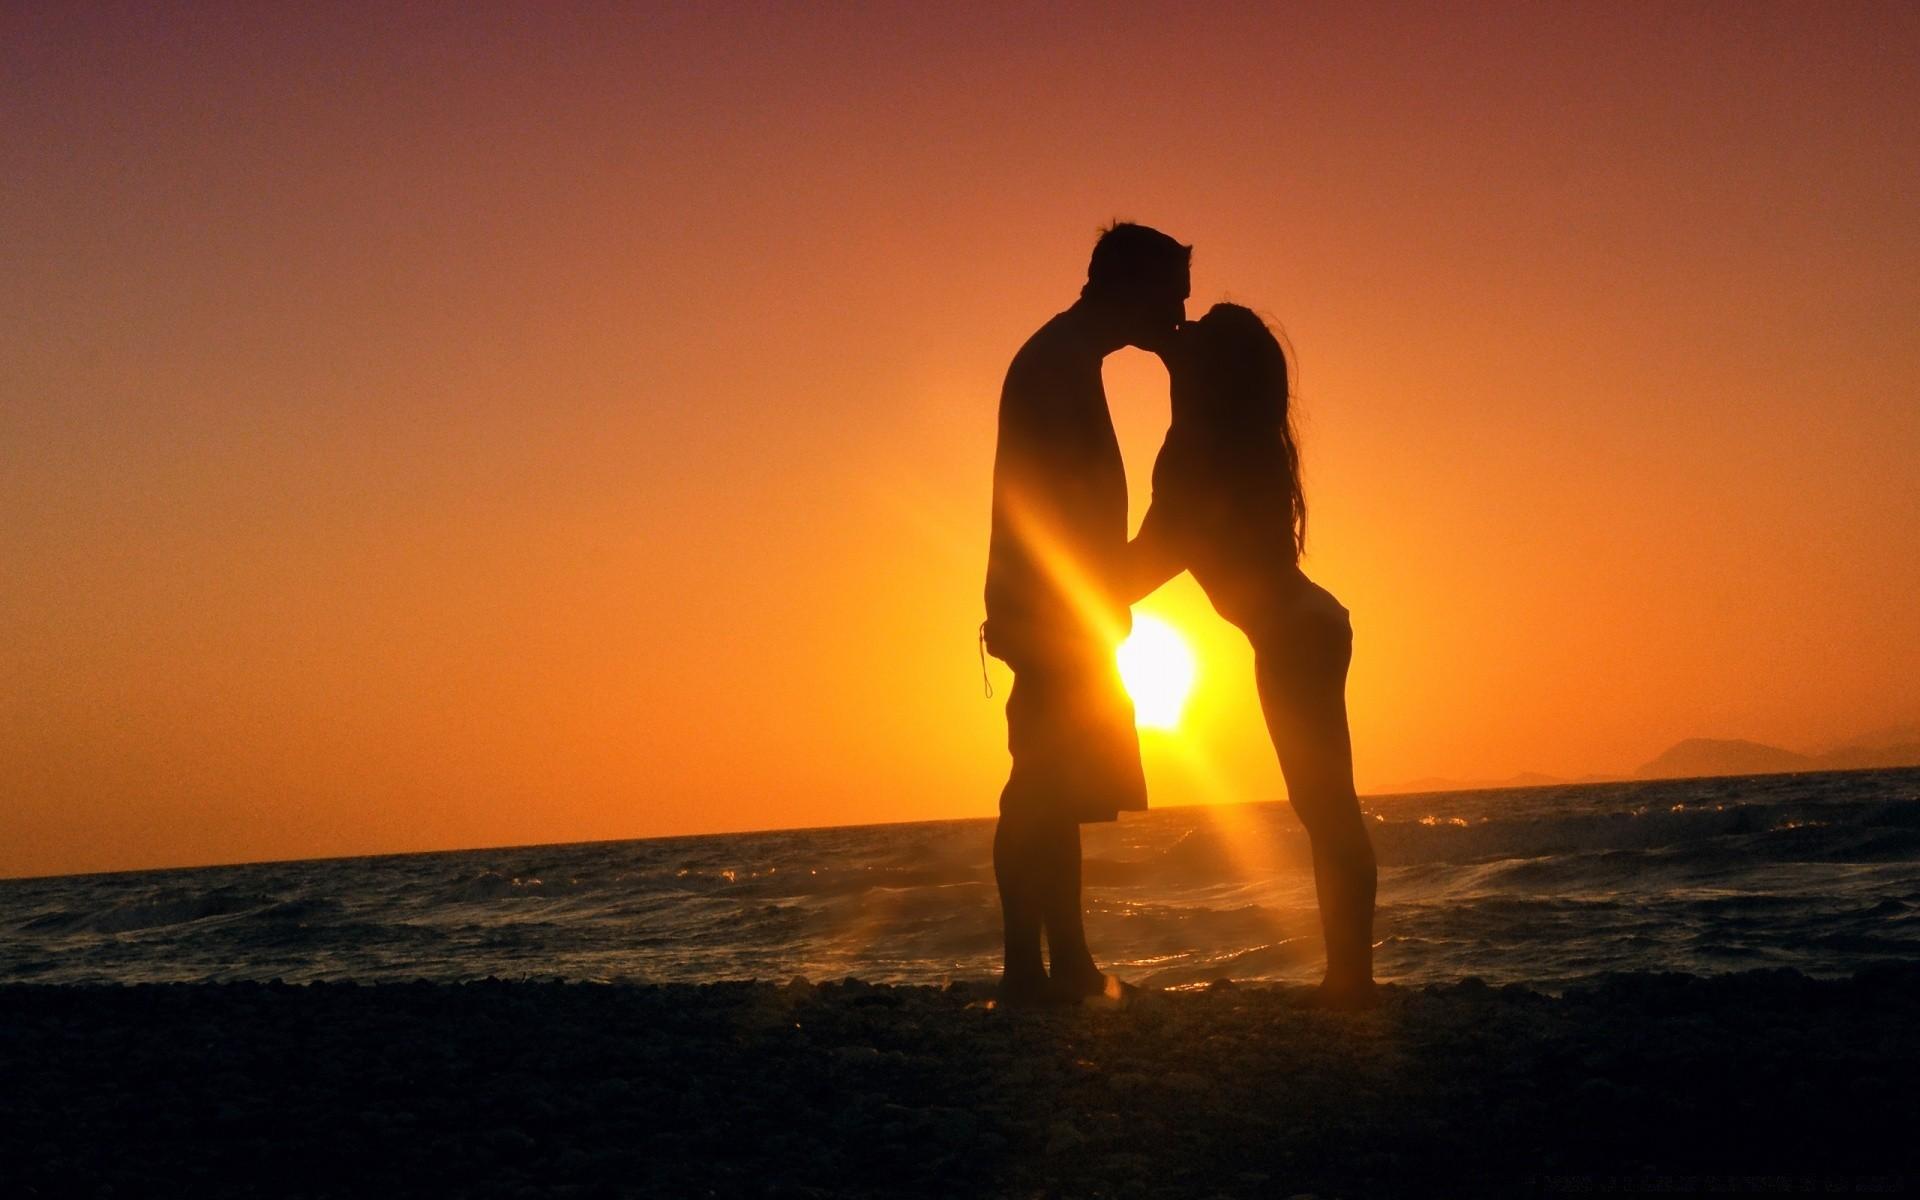 Двое на пляже романтические картинки, дню рождения мальчику